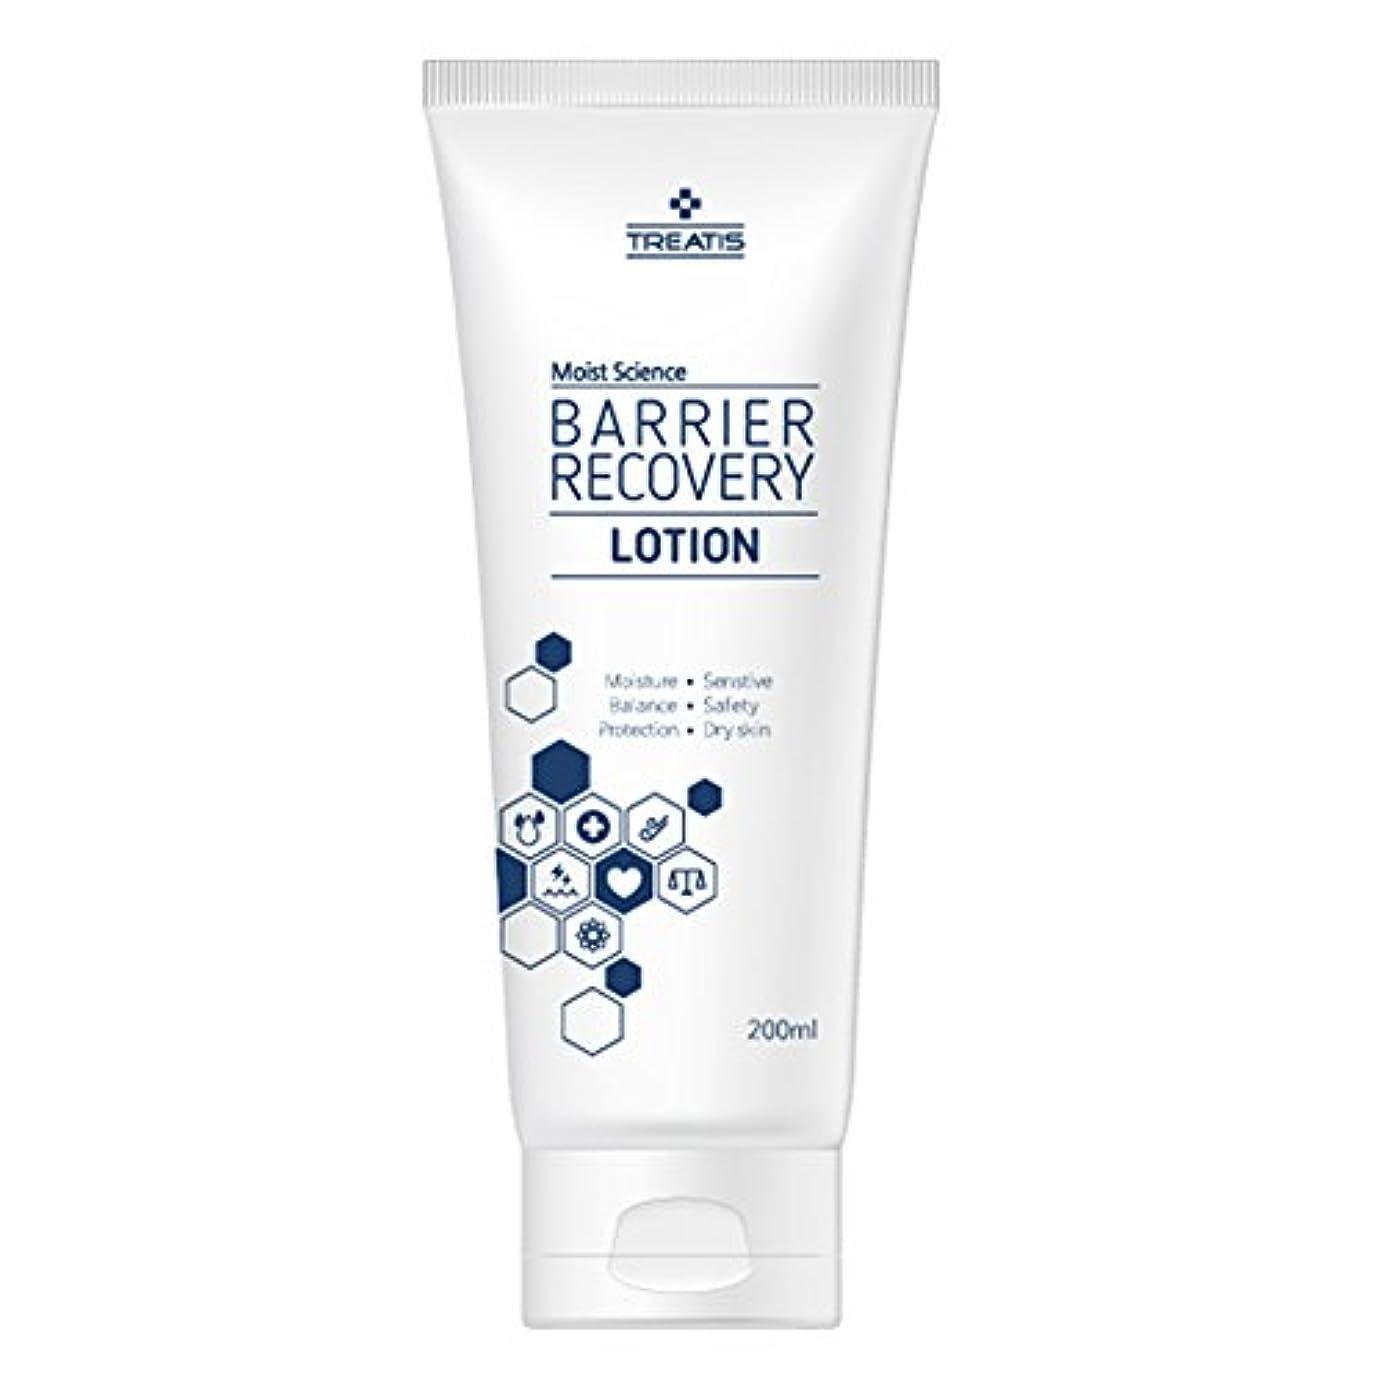 格差すみません自発的Treatis barrier recovery lotion 7oz (200ml)/Moisture, Senstive, Balance, Safty, Protection, Dry skin [並行輸入品]